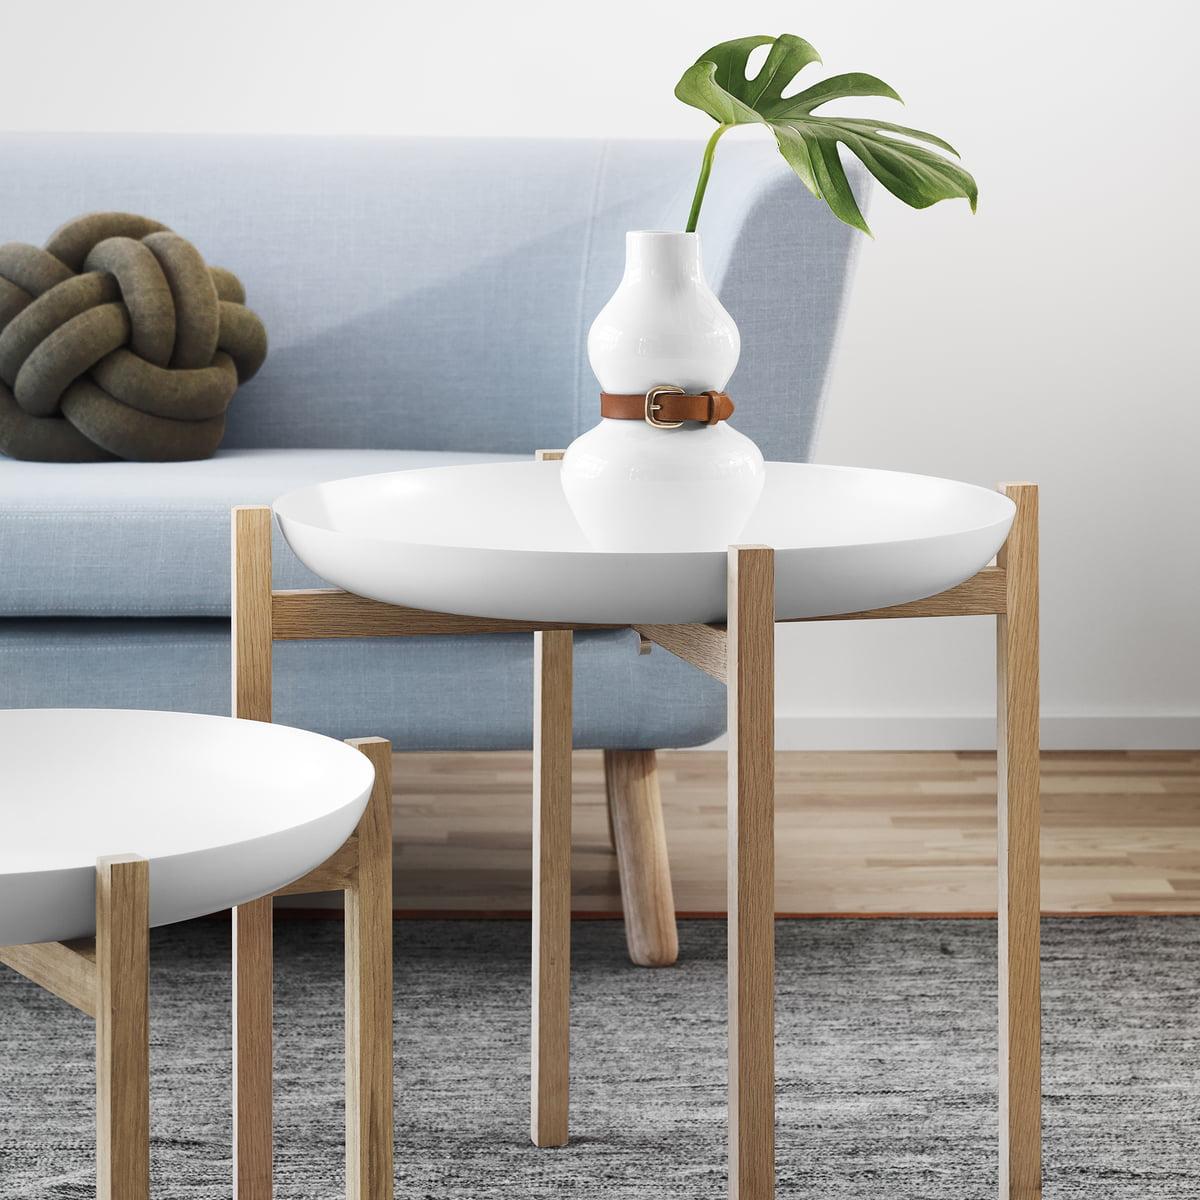 Beistelltisch Design tablo beistelltisch design house stockholm